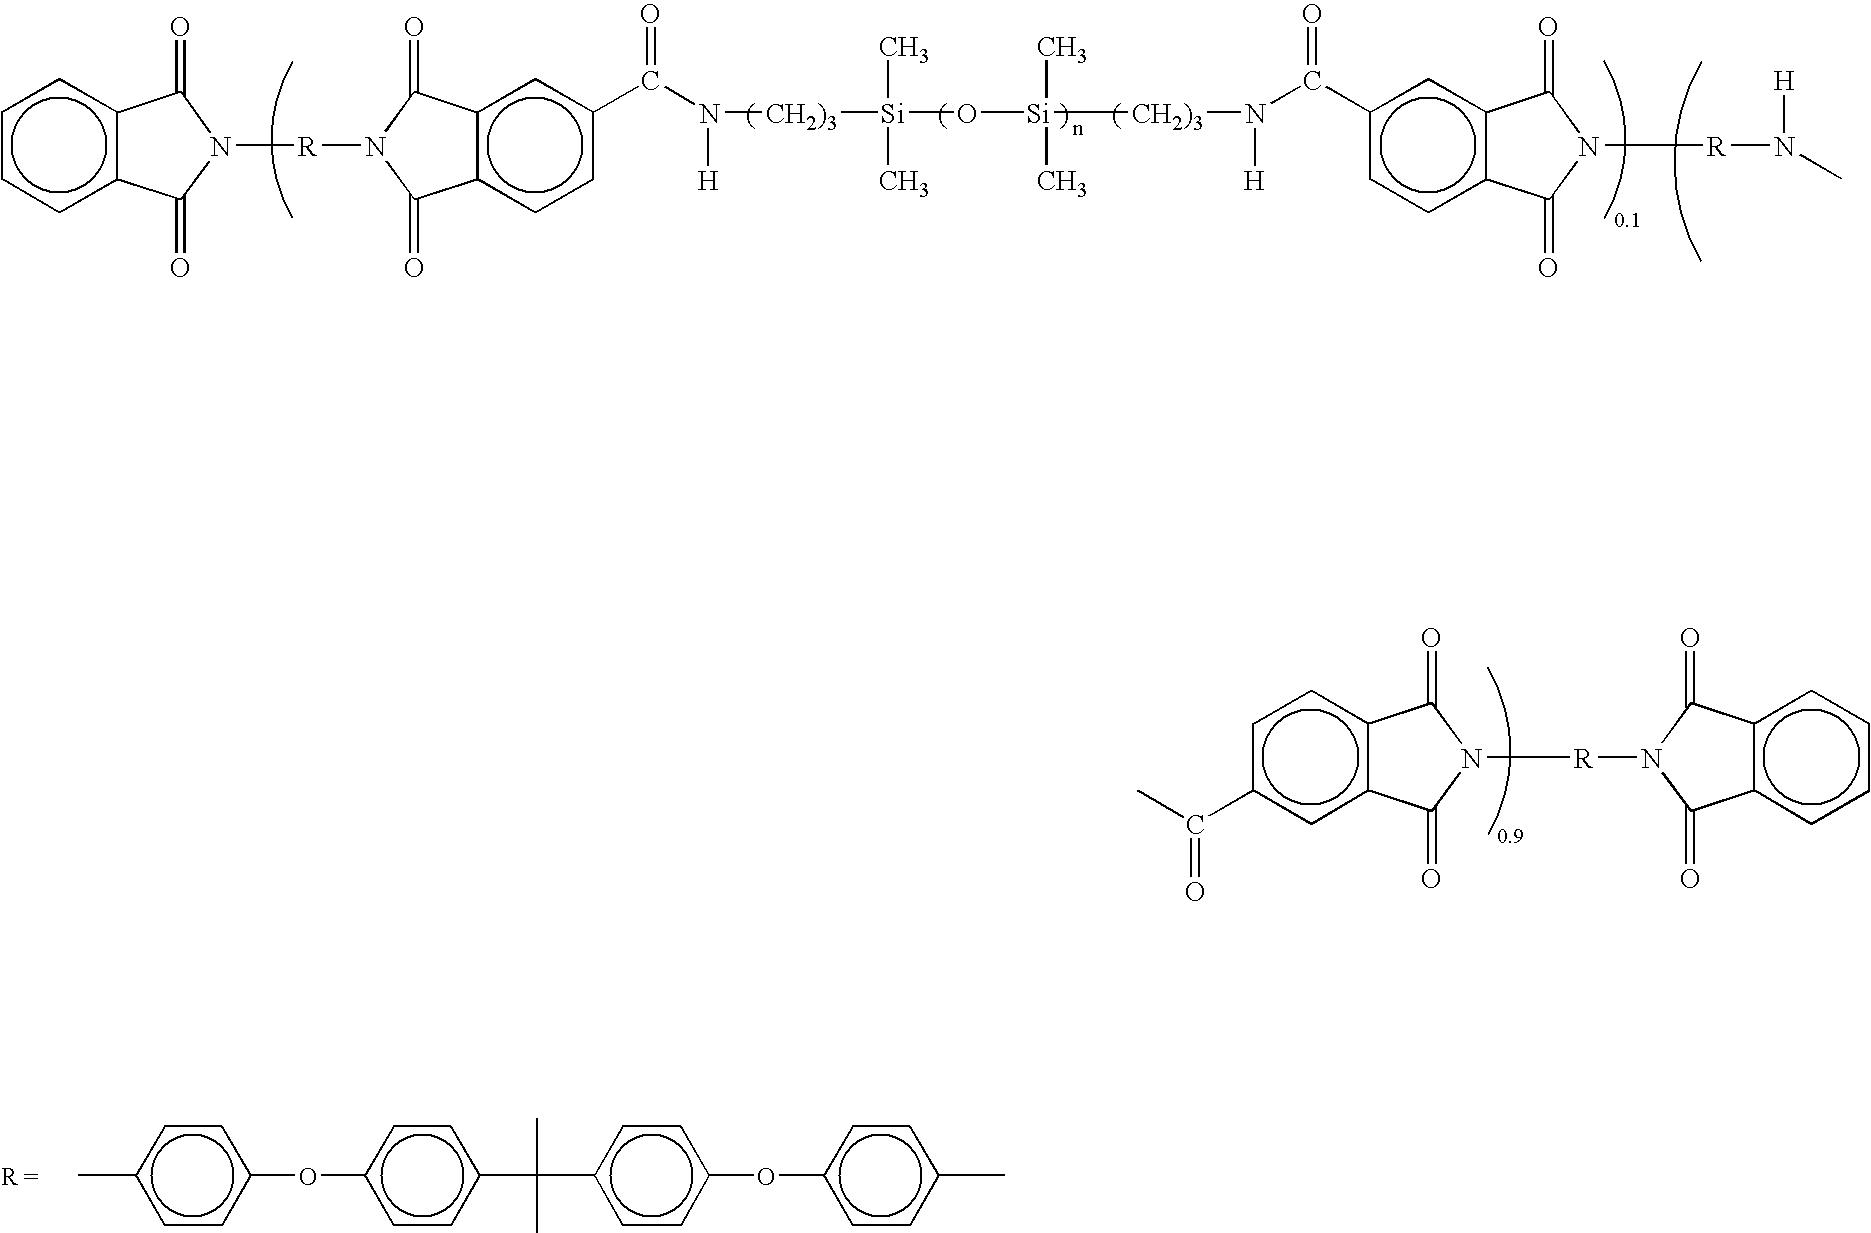 Figure US20090038750A1-20090212-C00022